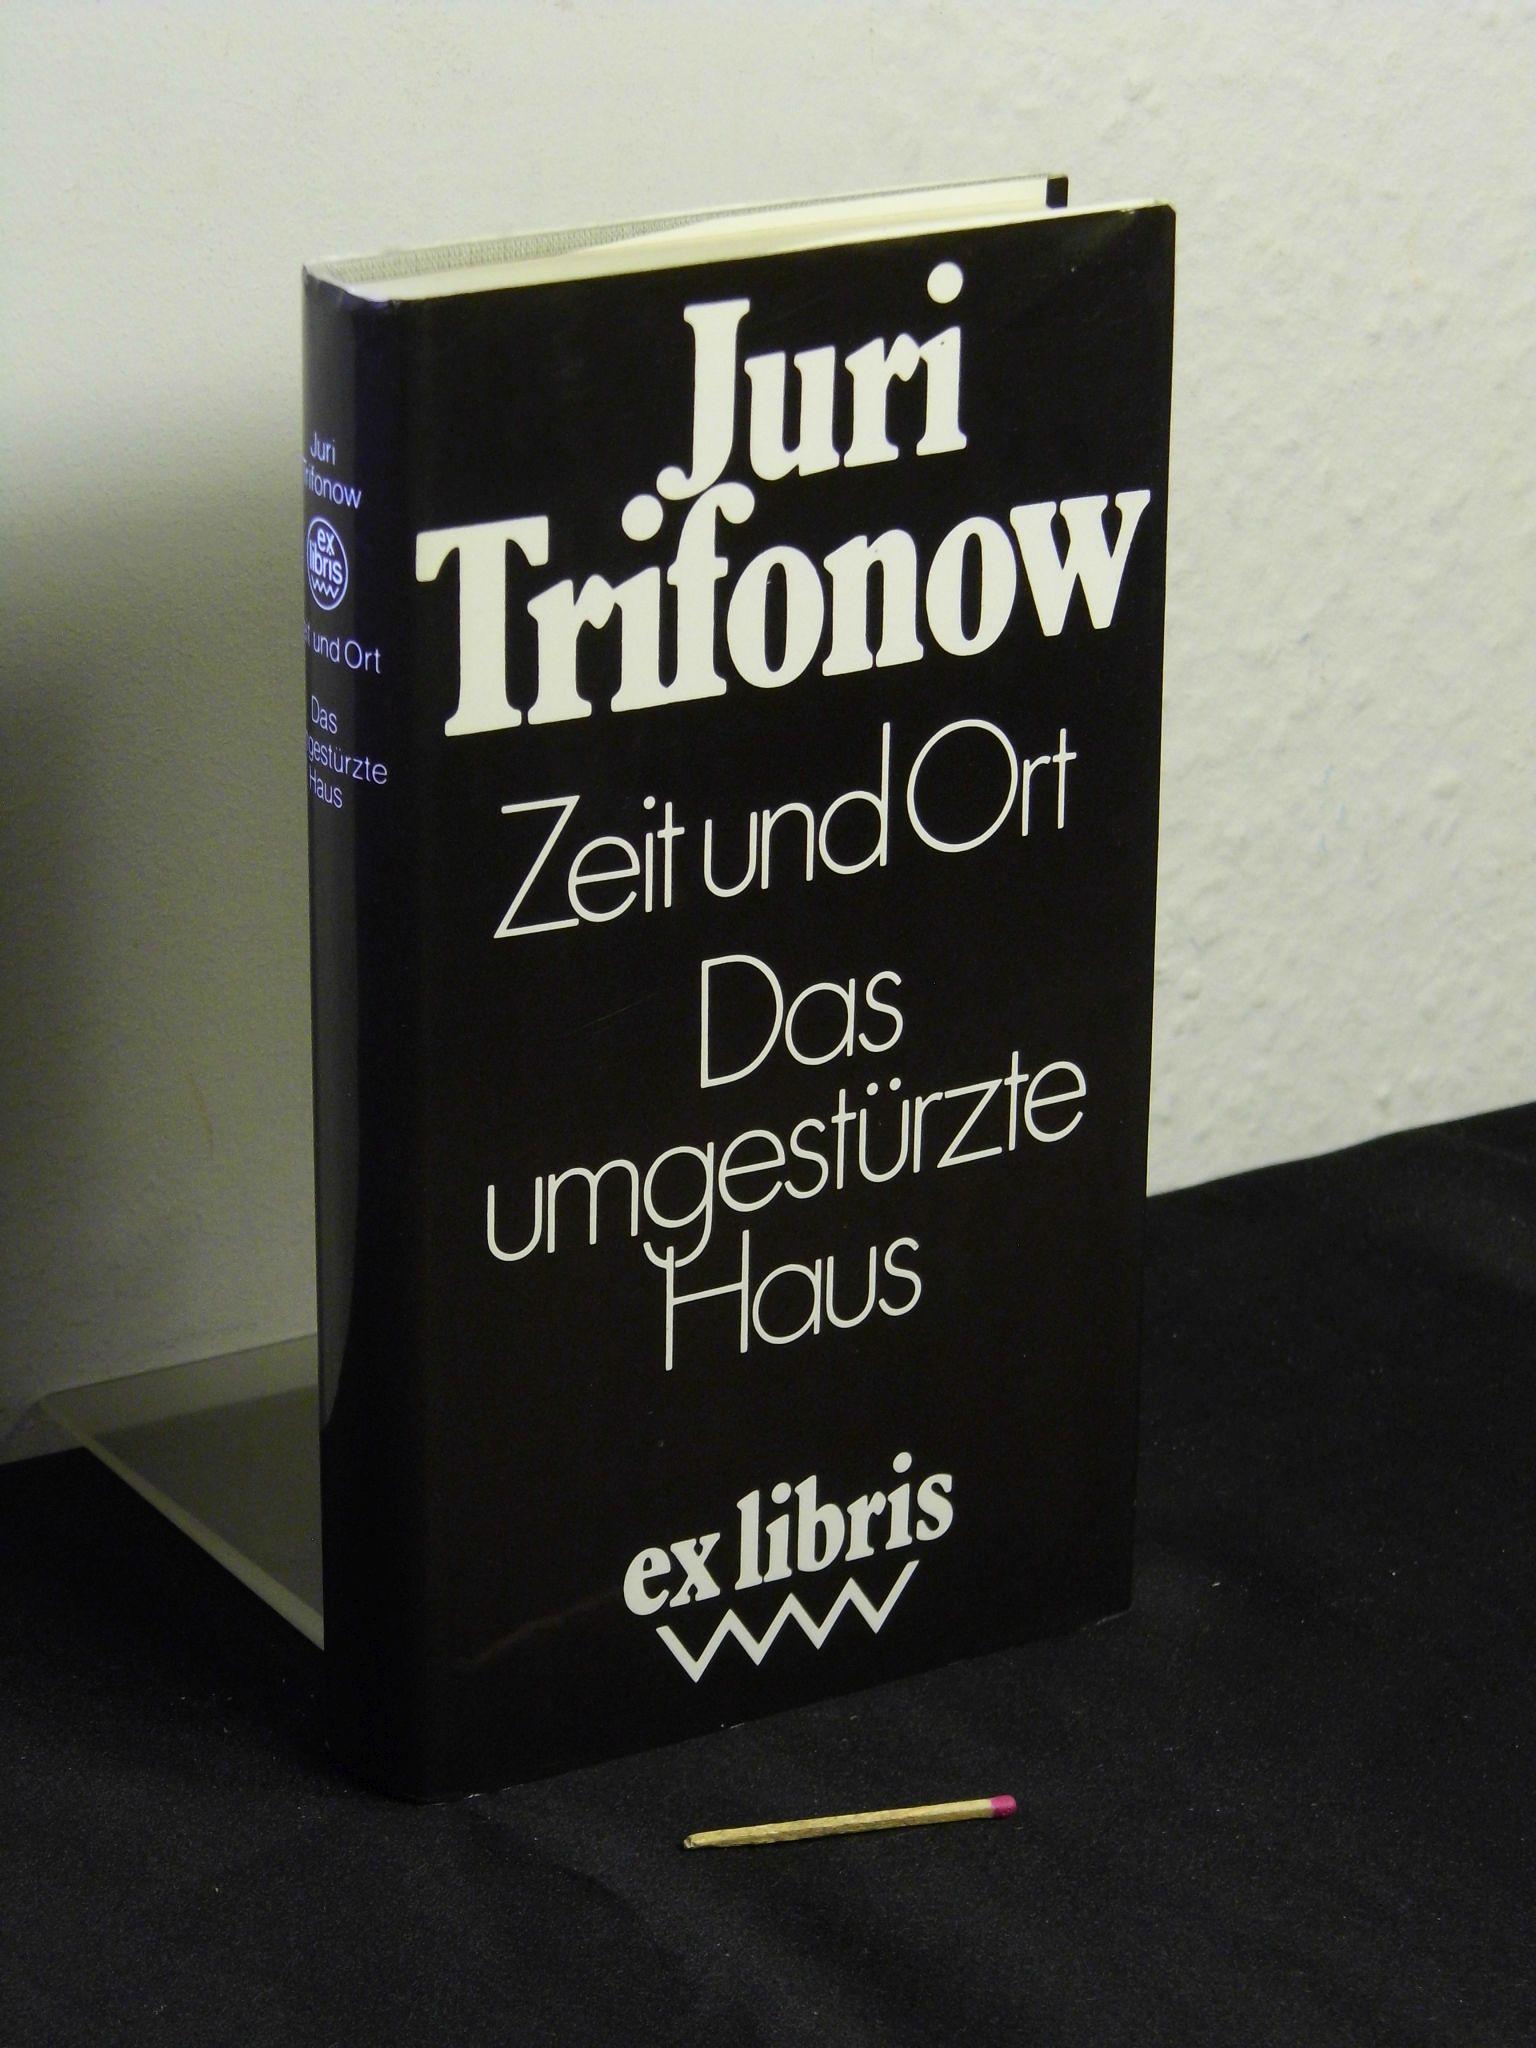 Zeit und Ort, Das umgestürzte Haus - Trifonow, Juri - Ex libris